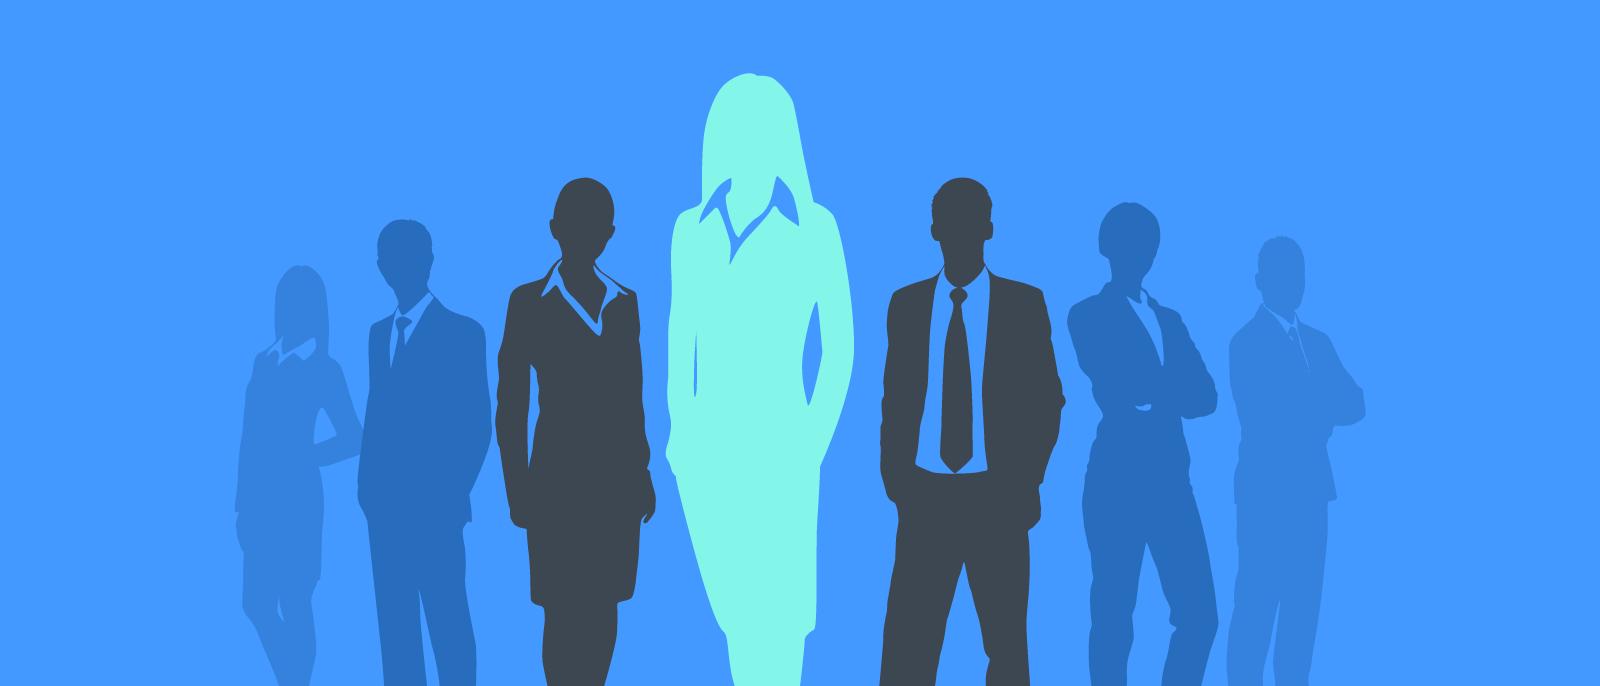 Building the Lucid Dream Team